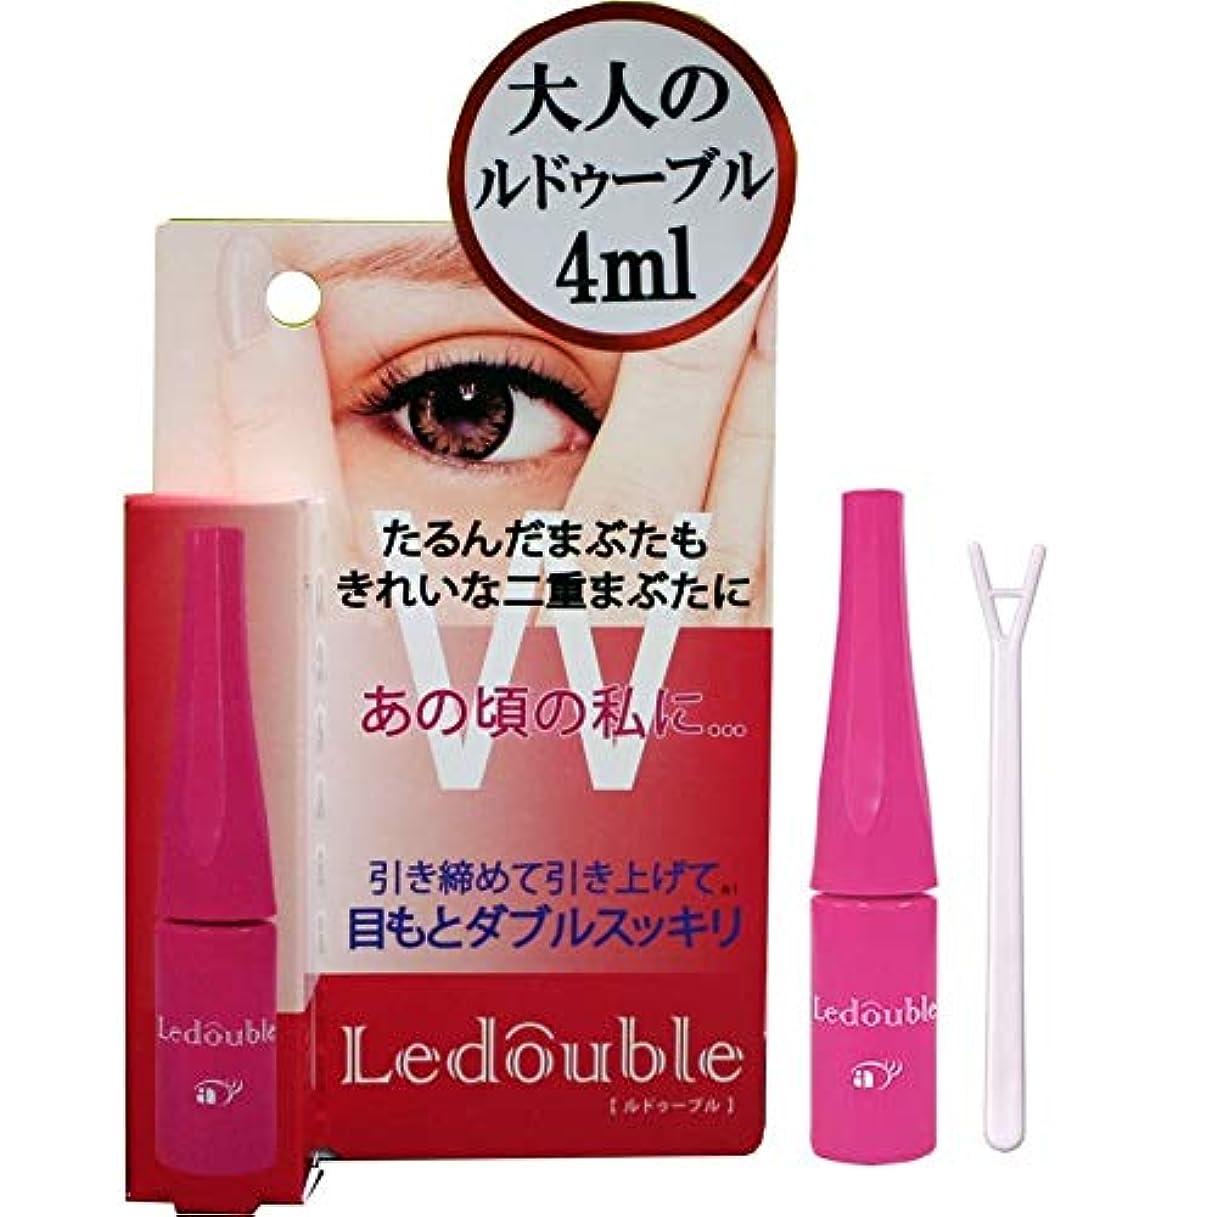 描写追い付くシンジケート大人のLedouble [大人のルドゥーブル] 二重まぶた化粧品 (4mL)